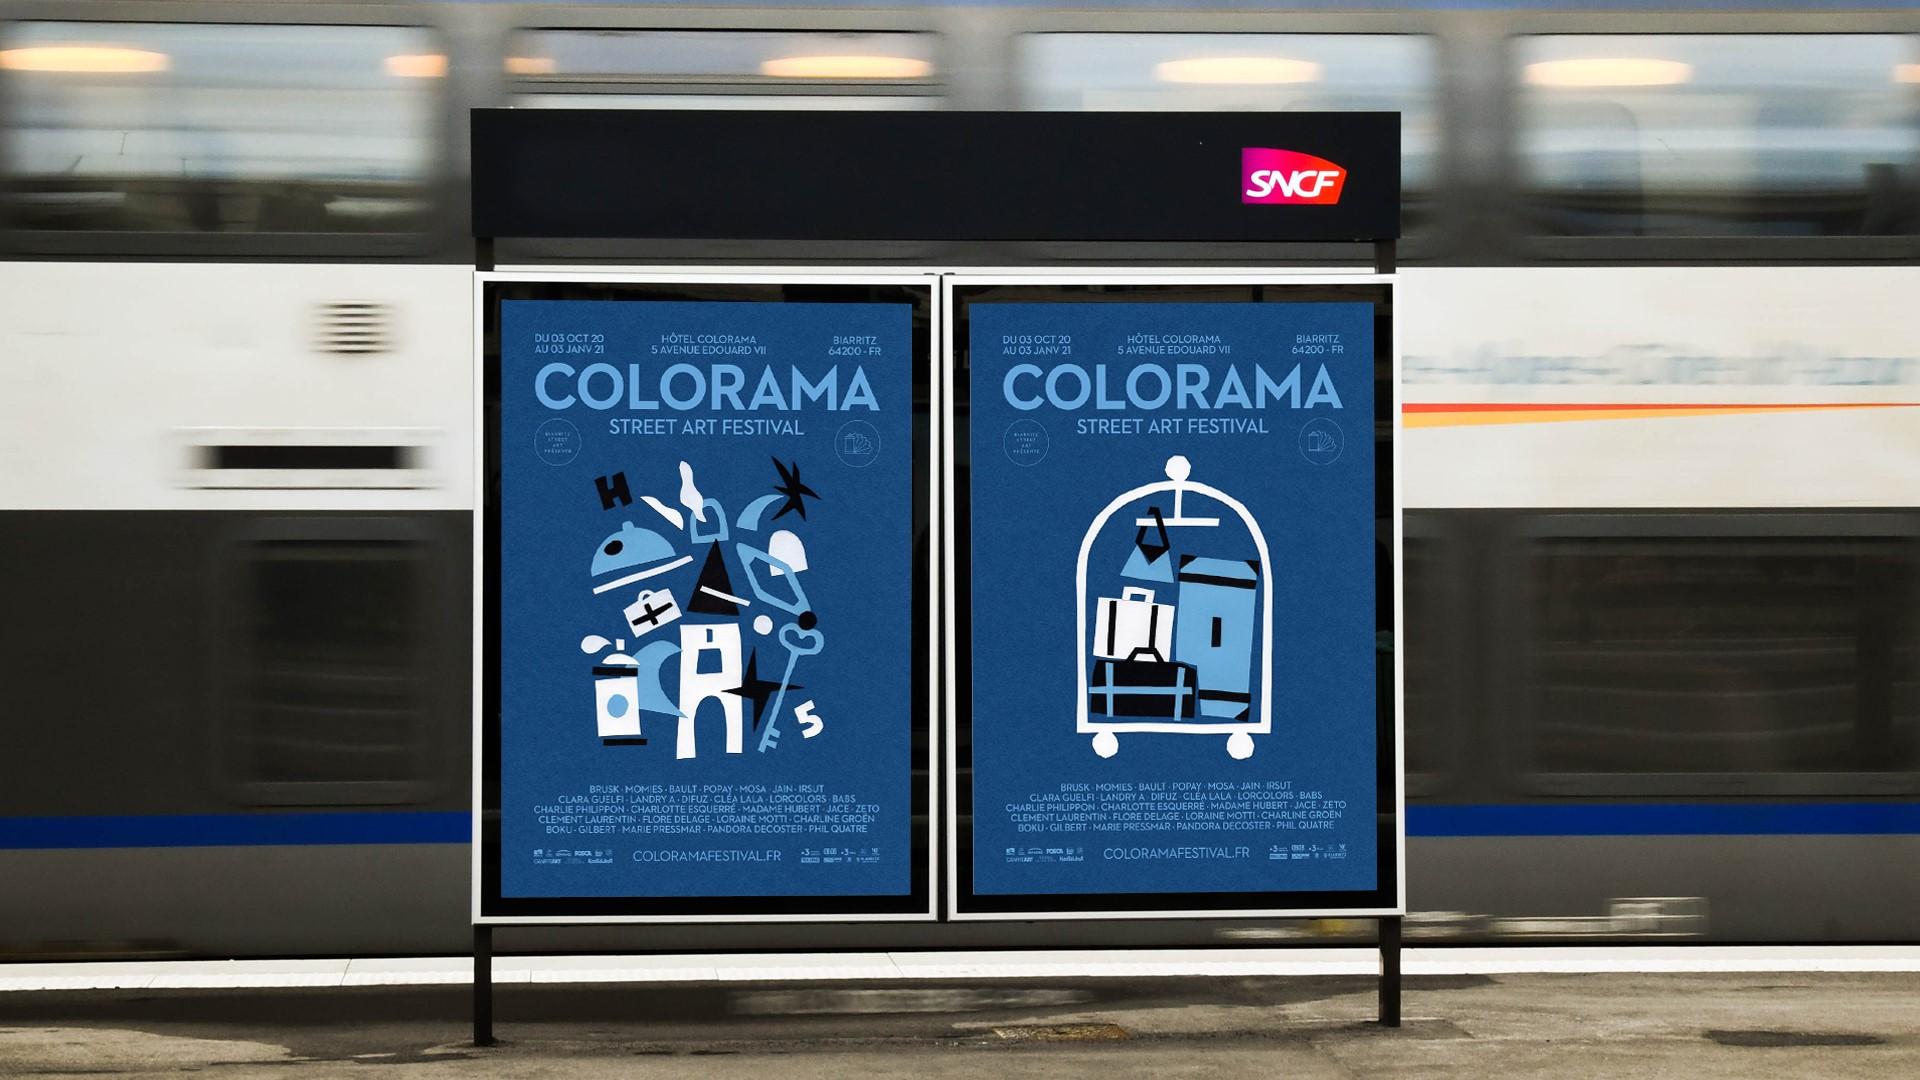 Deux affiches du Colorama festival de Biarritz 2020 sur les quais d'un métro avec le logo de la SNCF et un train en arrière plan qui avance